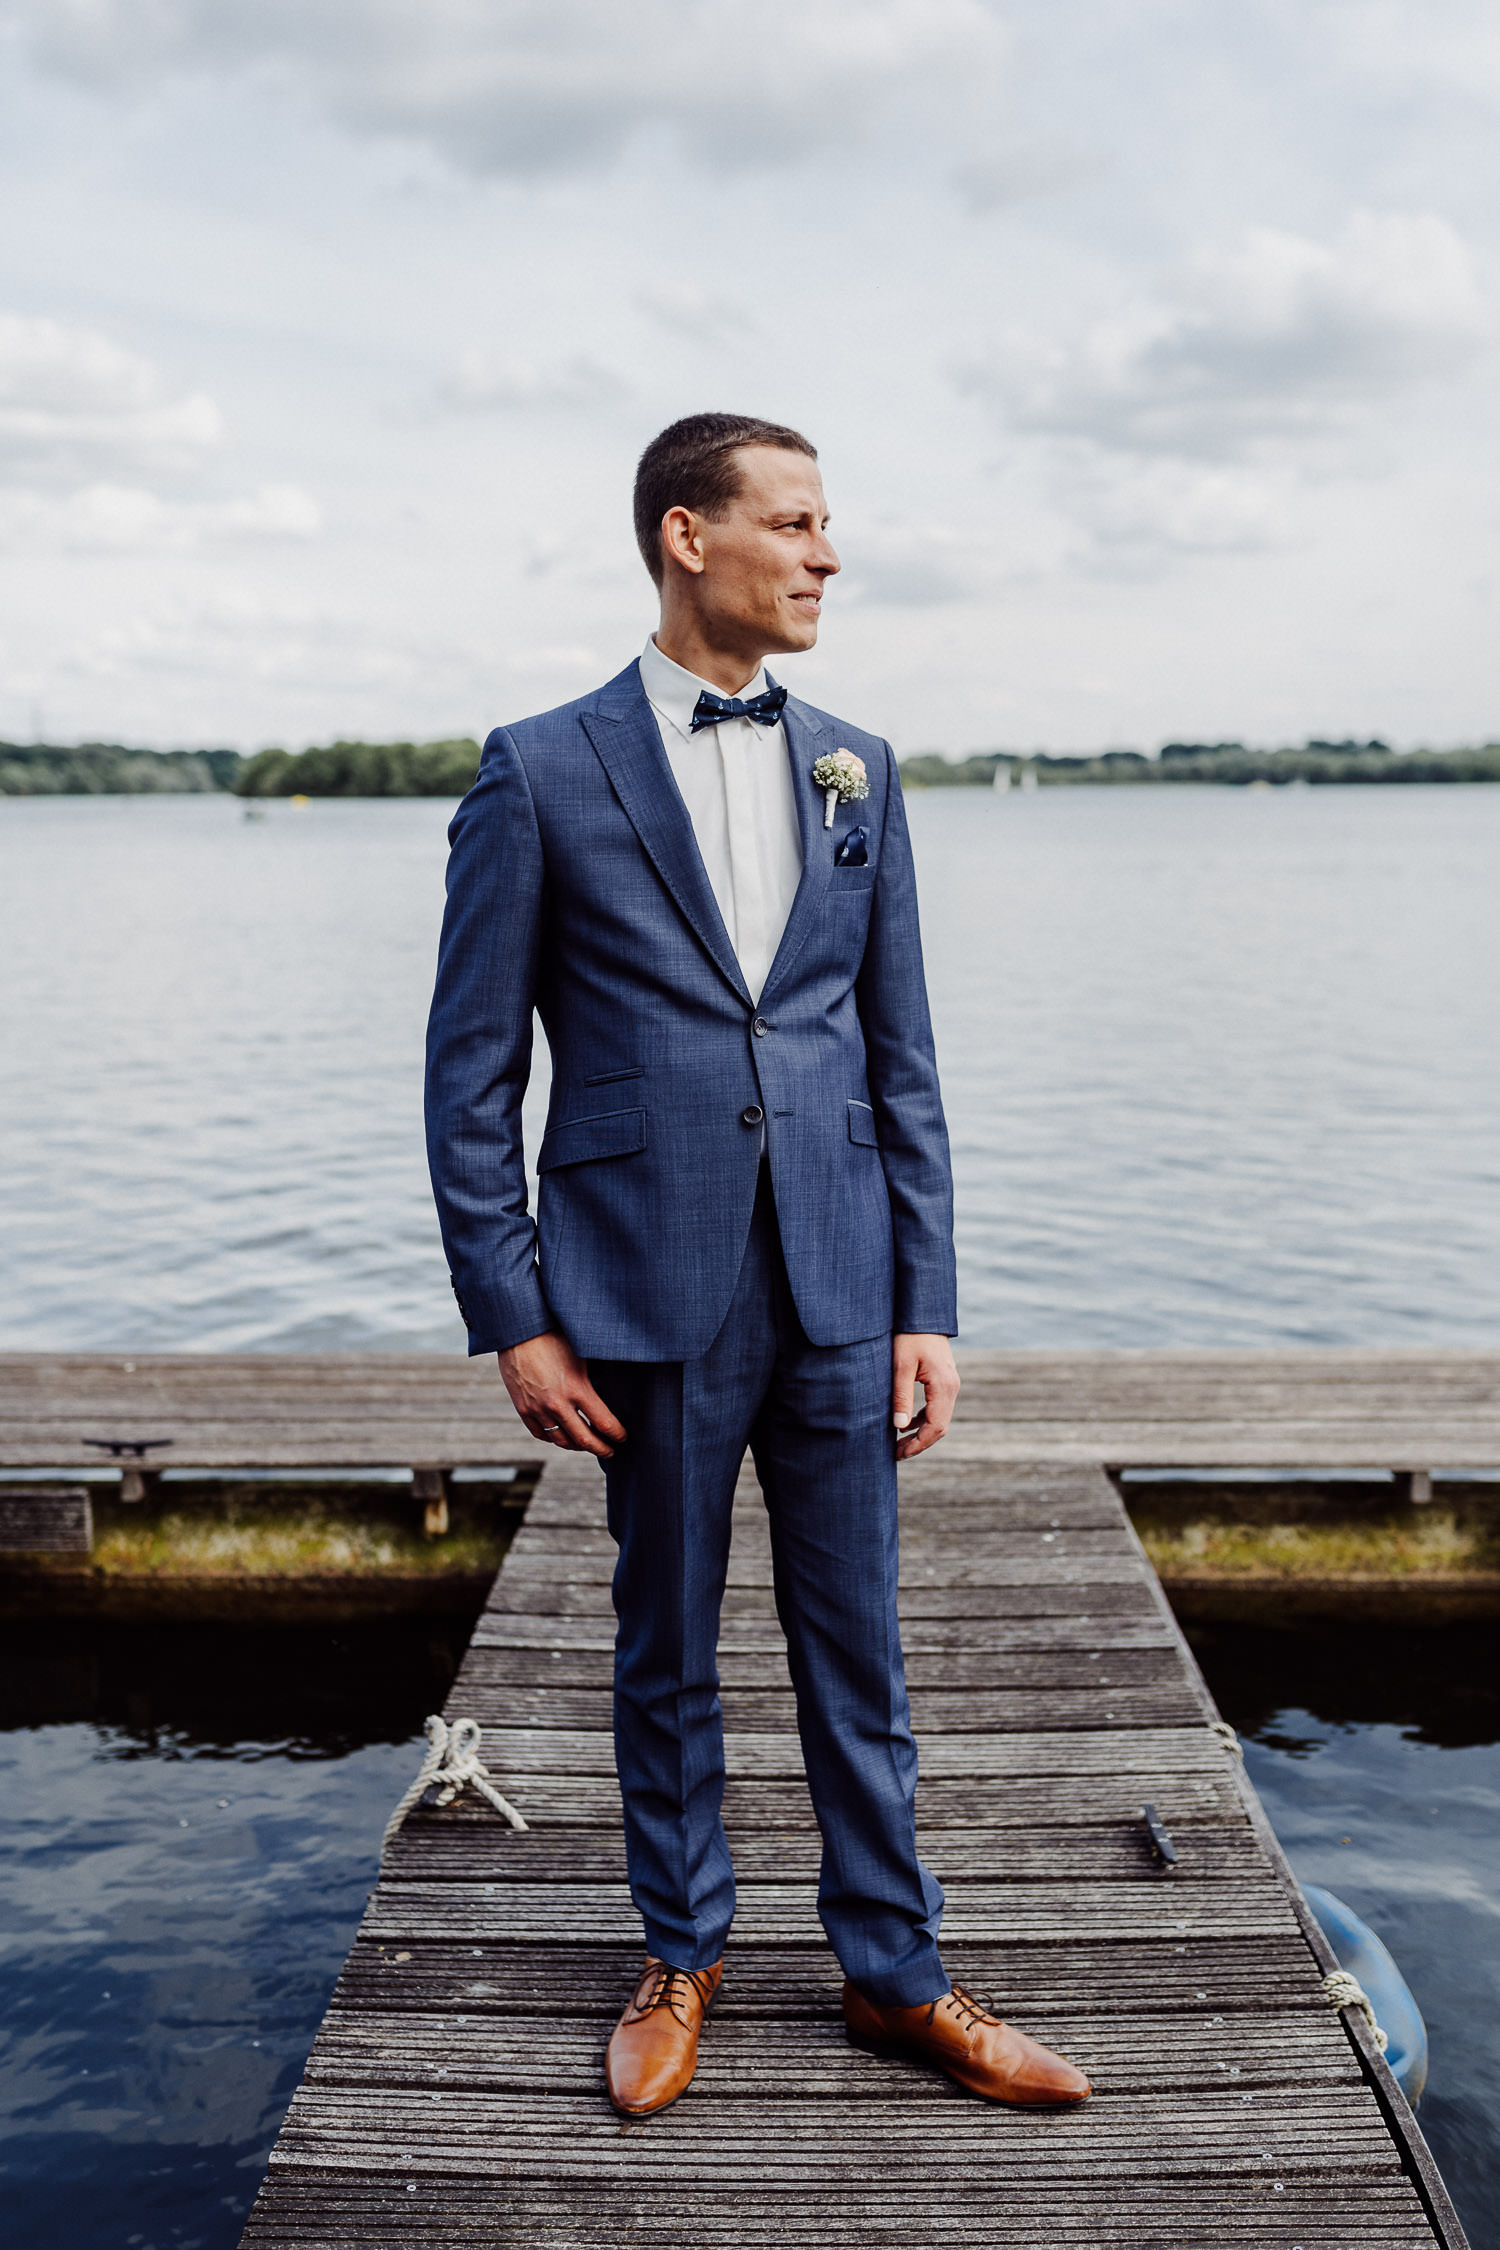 Bräutigam auf Bootssteg am Lippesee in blauem Anzug